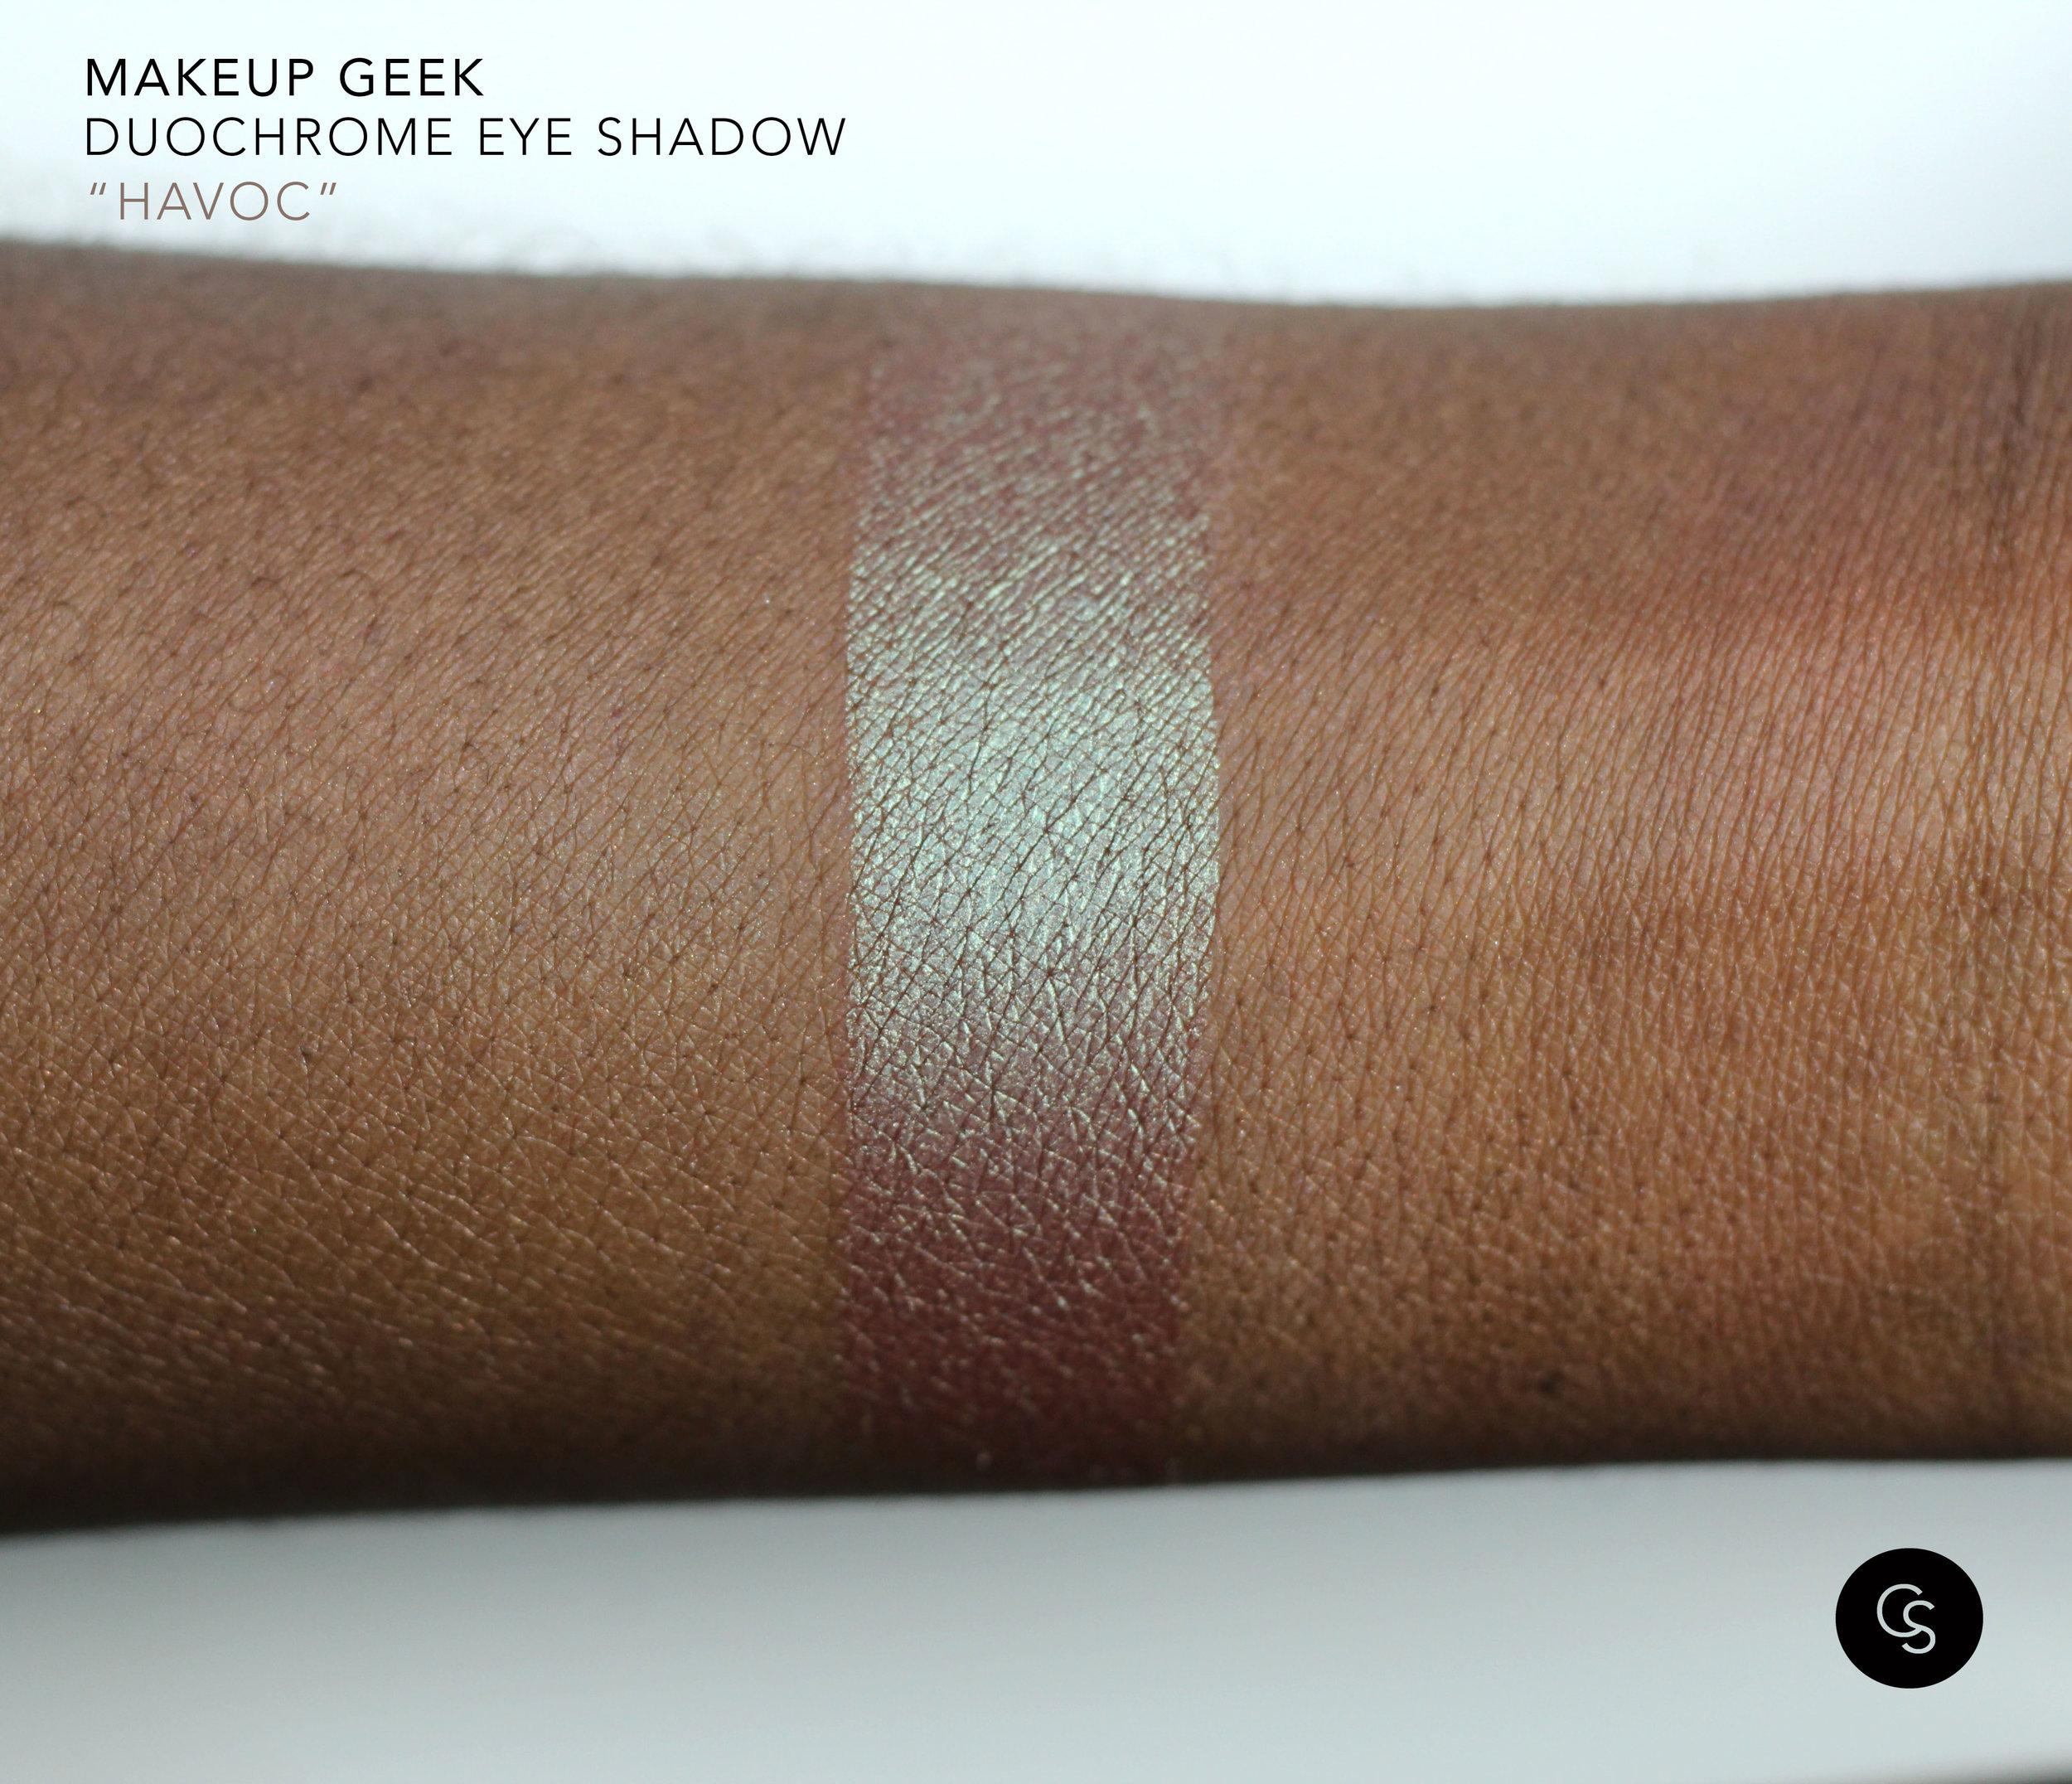 HAVOC- makeup geek - CS2